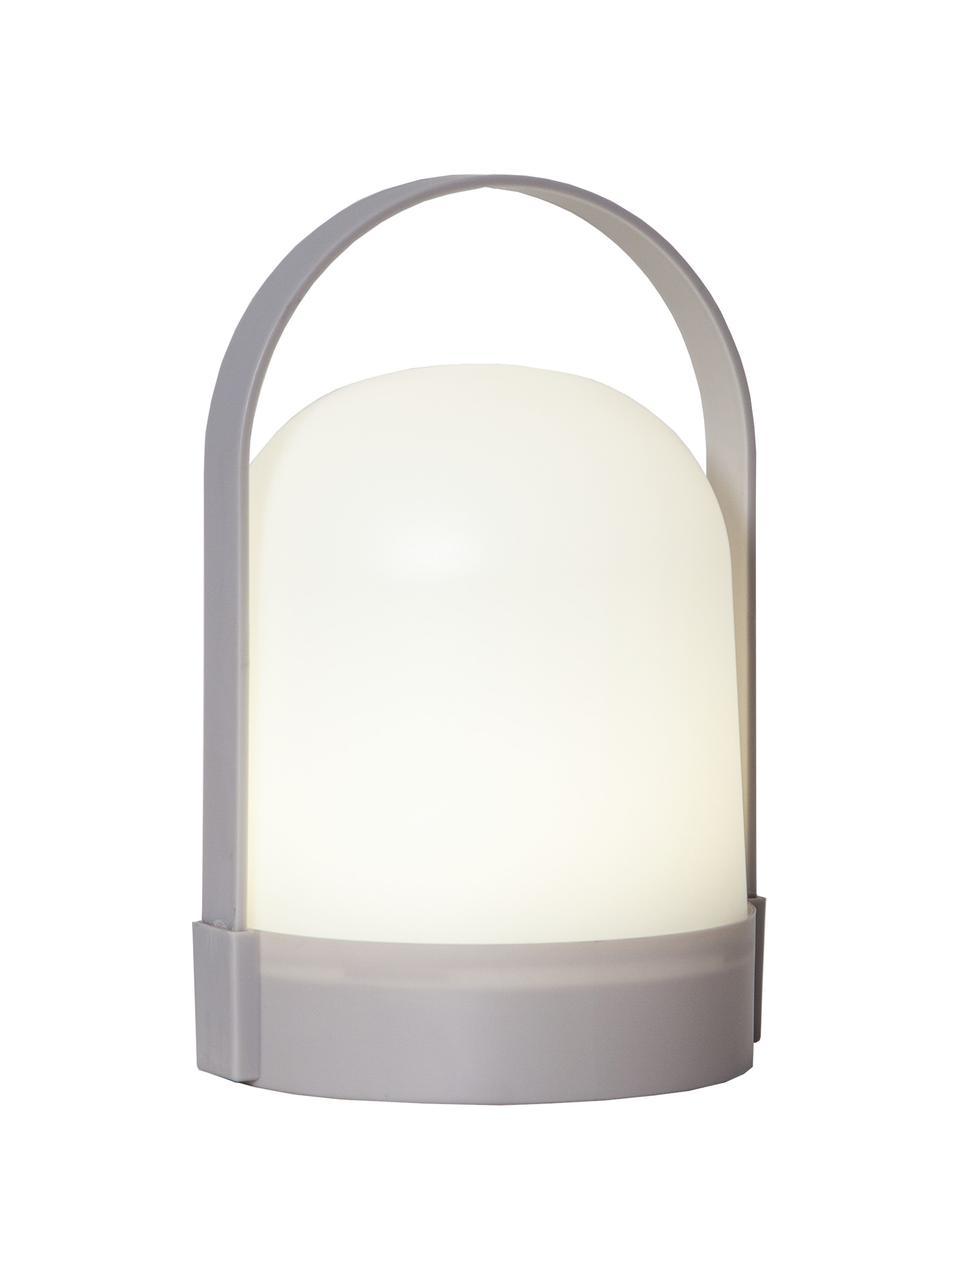 Kleine Mobile Tischlampe Lette mit Timer, Lampenschirm: Kunststoff, Weiß, Grau, Ø 14 x H 22 cm